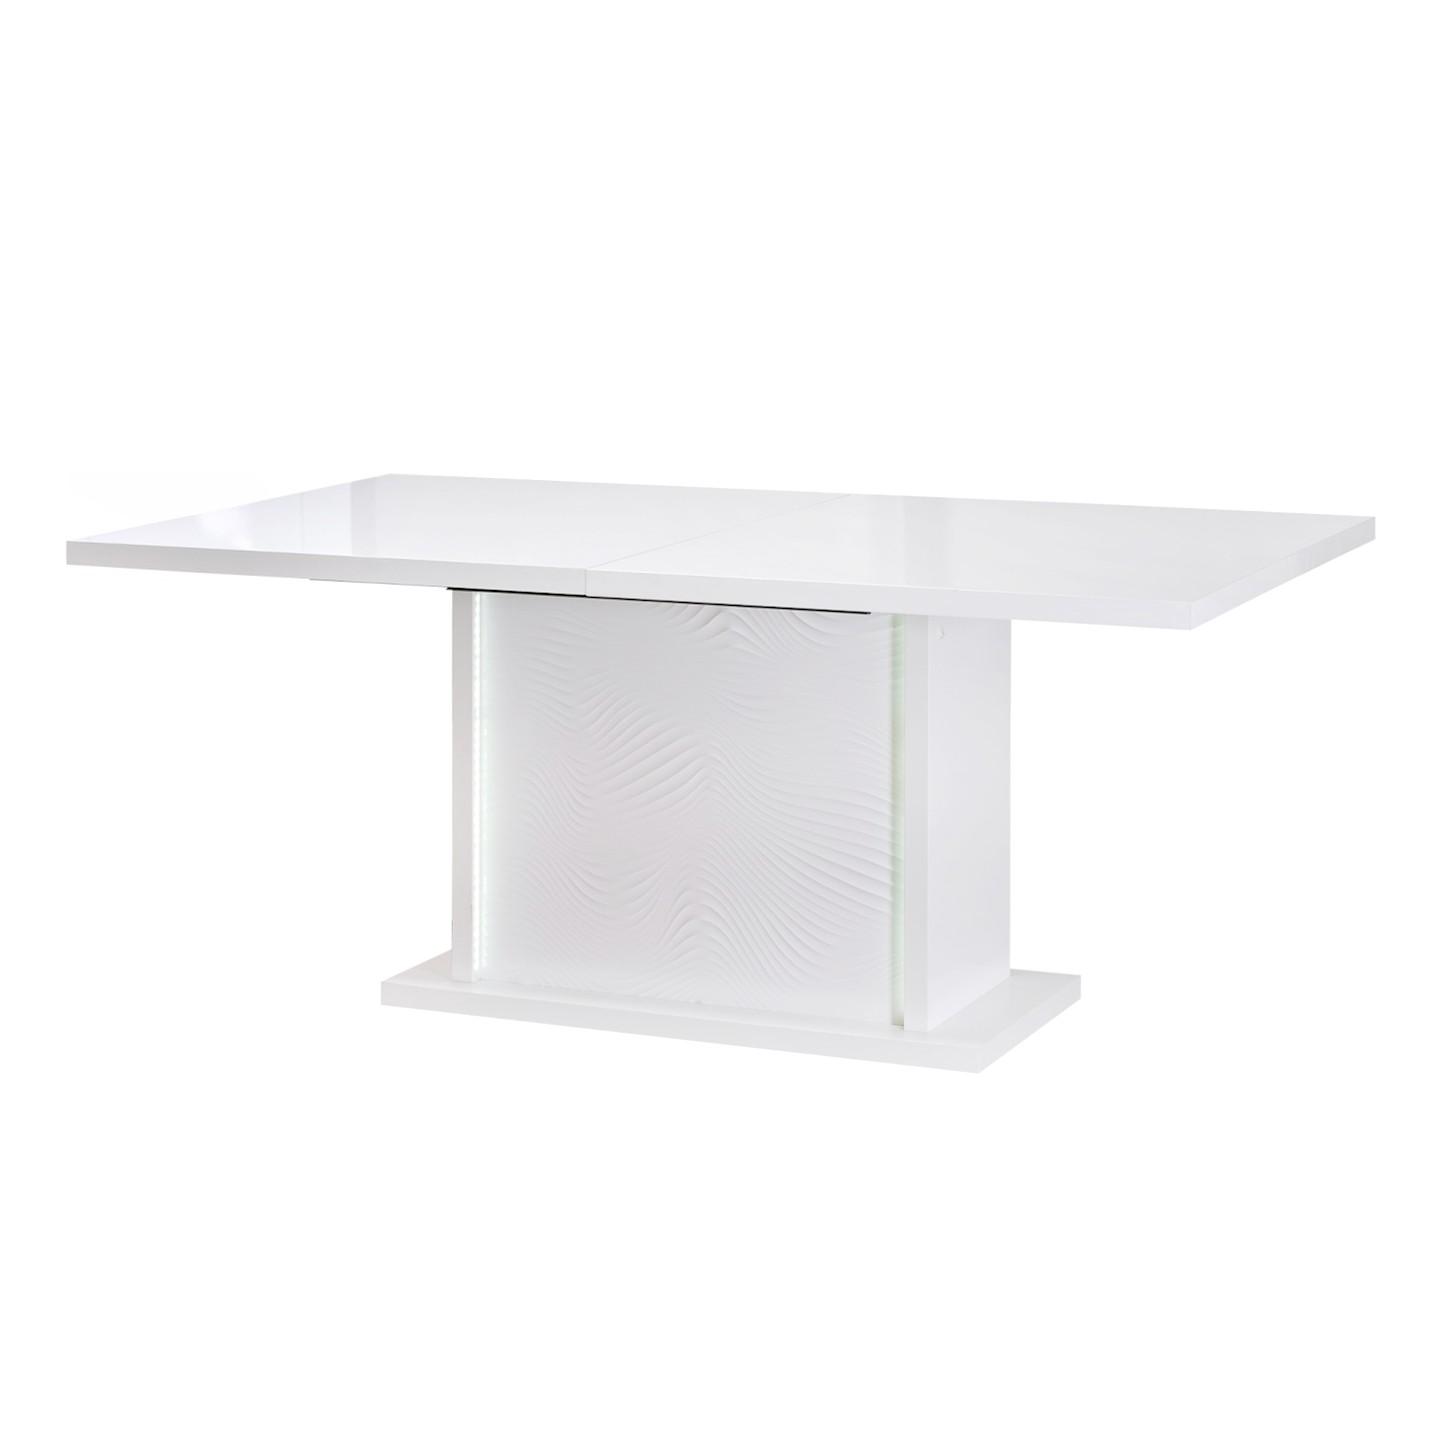 EEK A+, Table à manger Karma (avec rallonges et éclairage) - Blanc brillant, Sciae